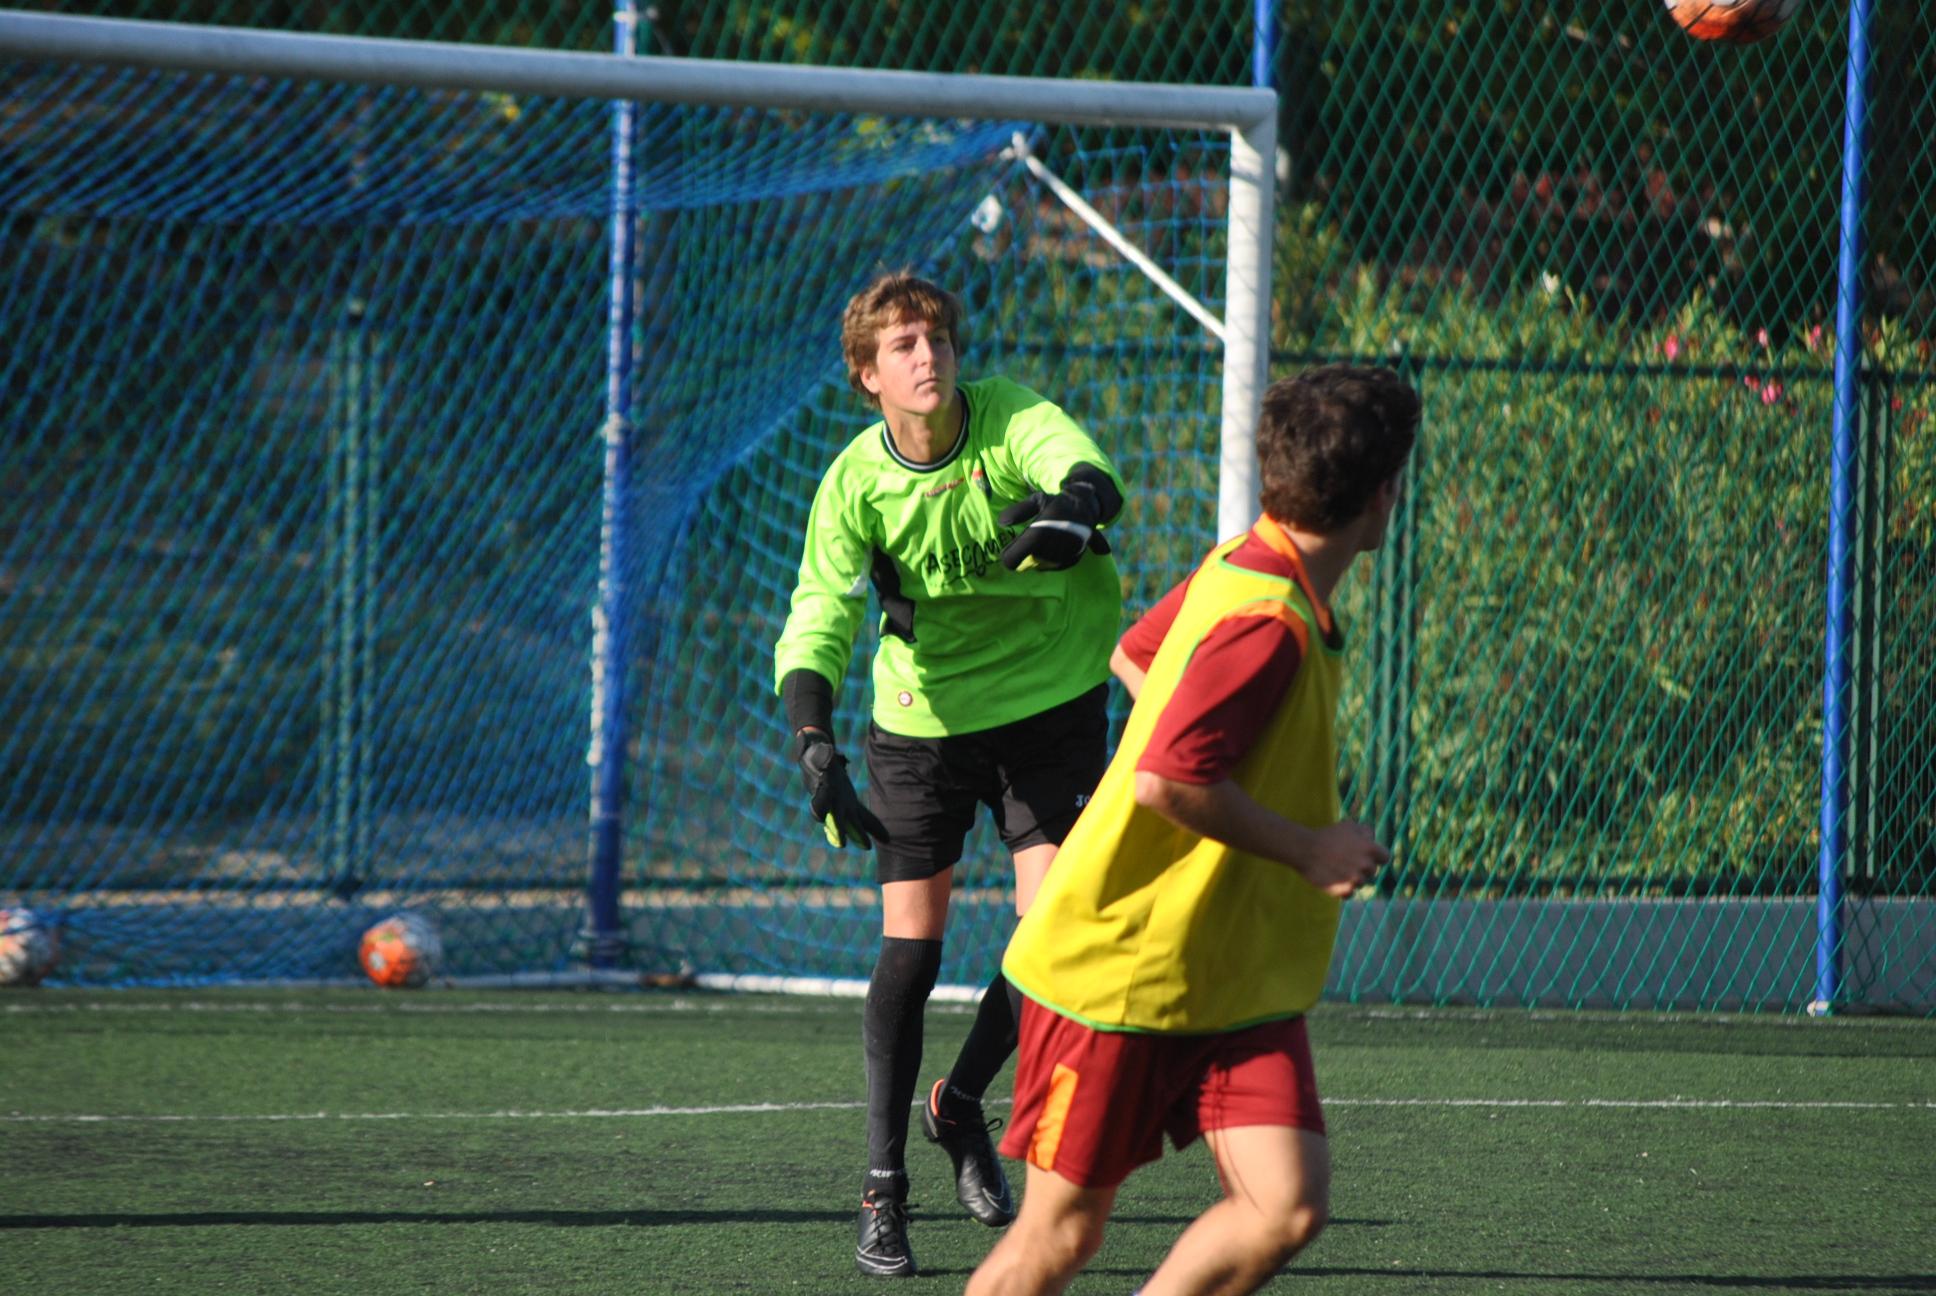 El Juvenil A disputa mañana un amistoso contra la selección madrileña sub 16